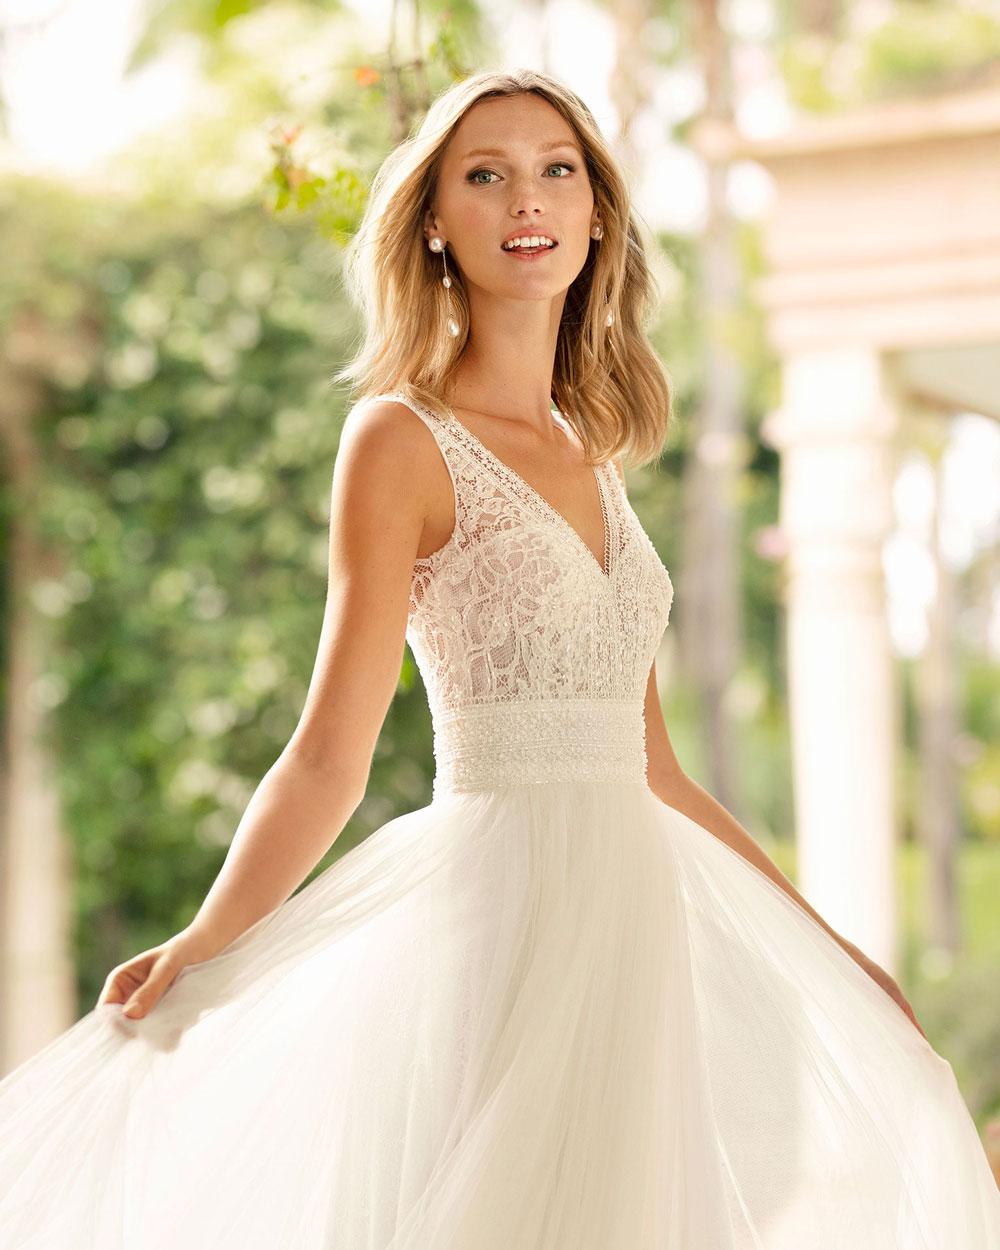 vestido de novia 2020 RAYEL ROSA CLARA SOFT 3